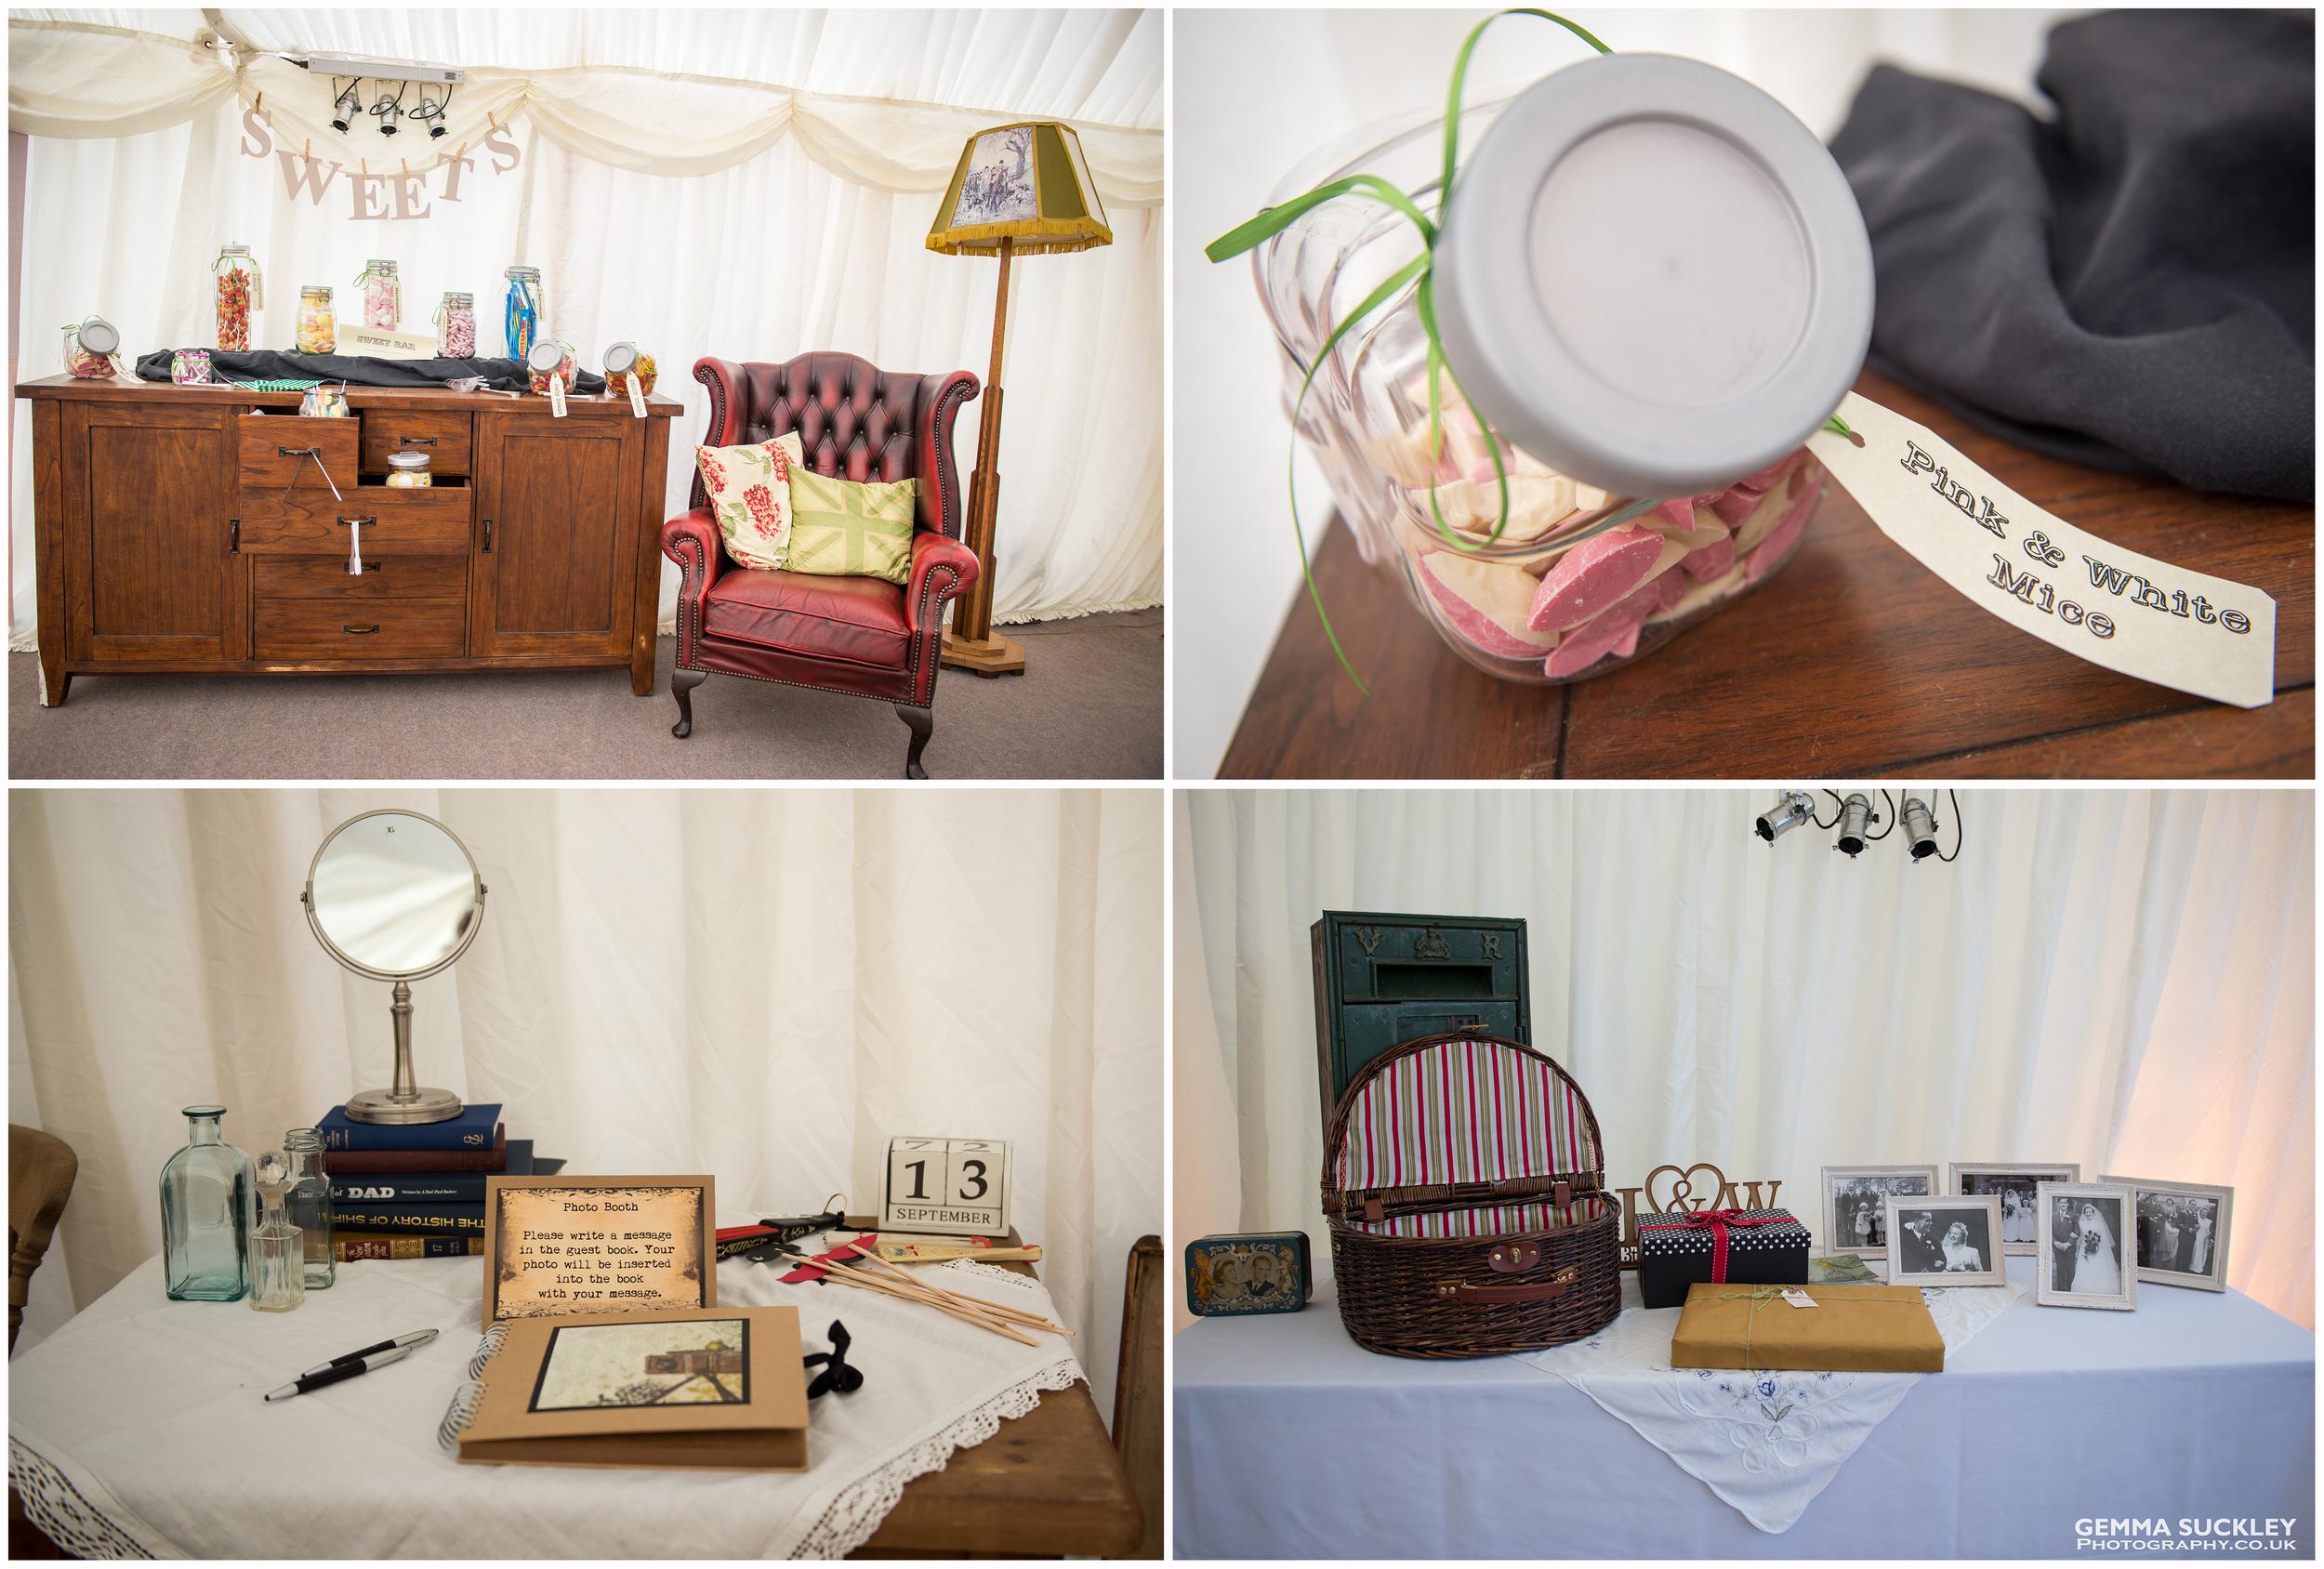 vintage-wedding-detail-gemma-suckley-photography.jpg